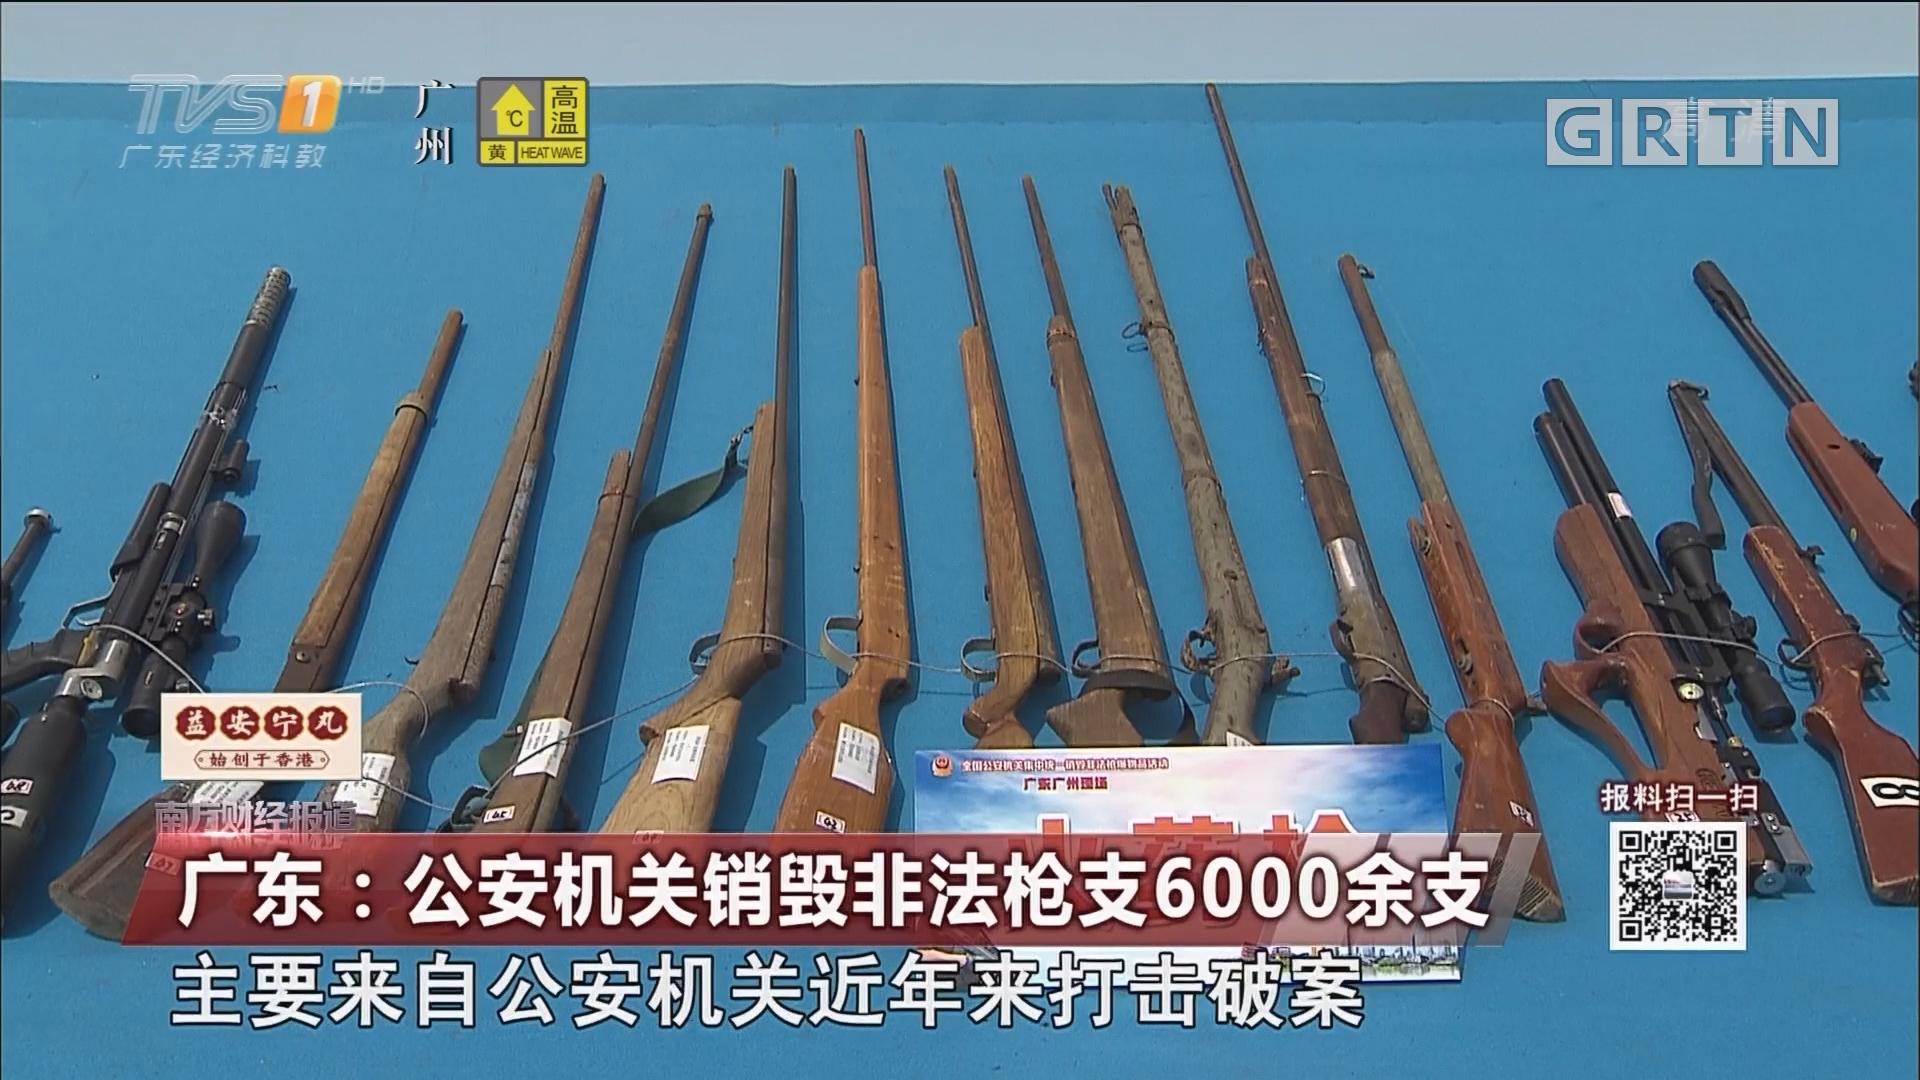 广东:公安机关销毁非法枪支6000余支